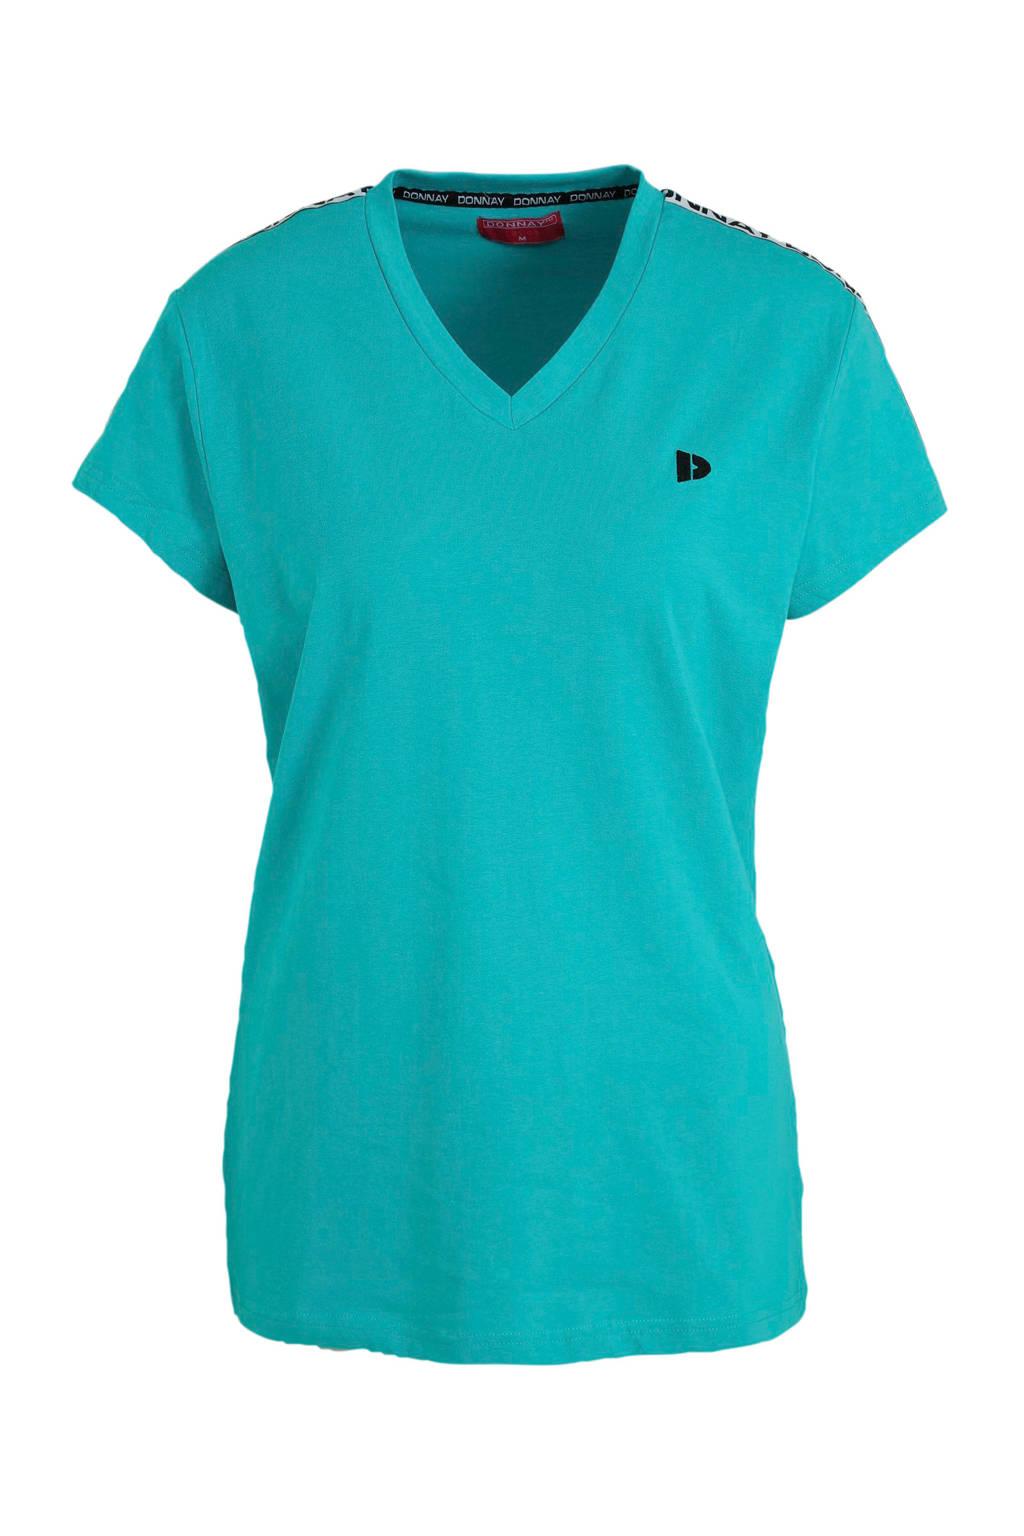 Donnay sport T-shirt aqua blauw, Aqua blauw